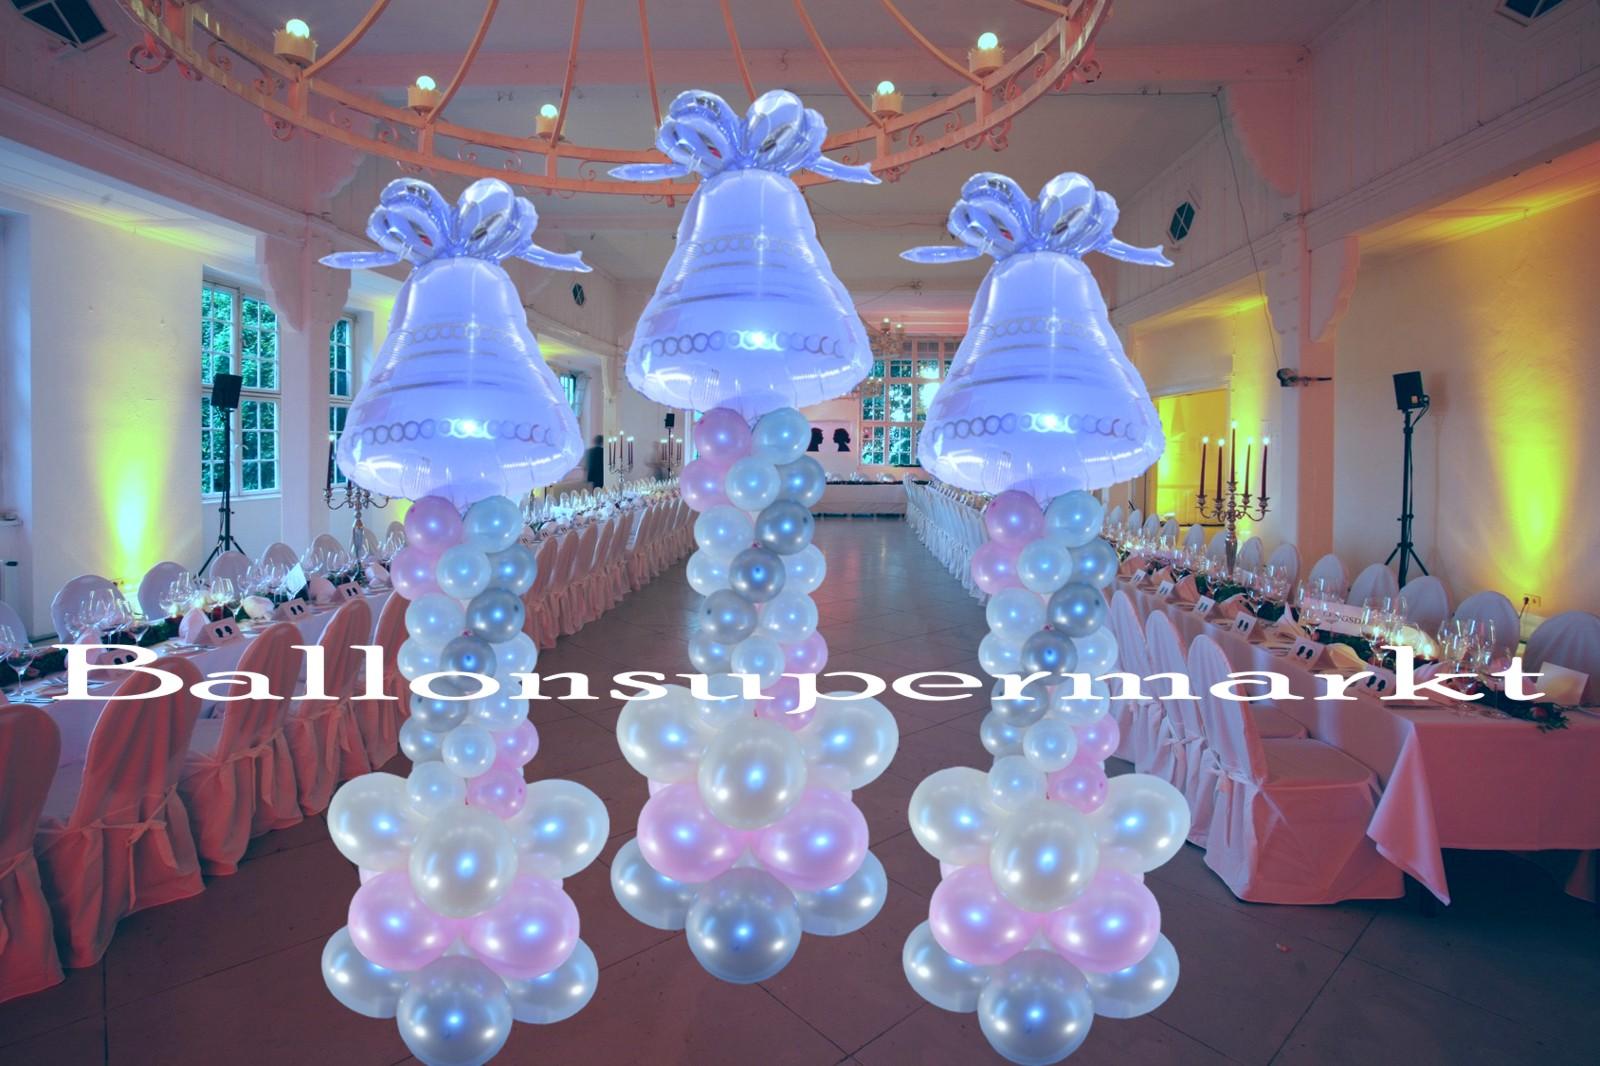 Ballondekoration Hochzeit Hochzeitsglocke Lu Hs